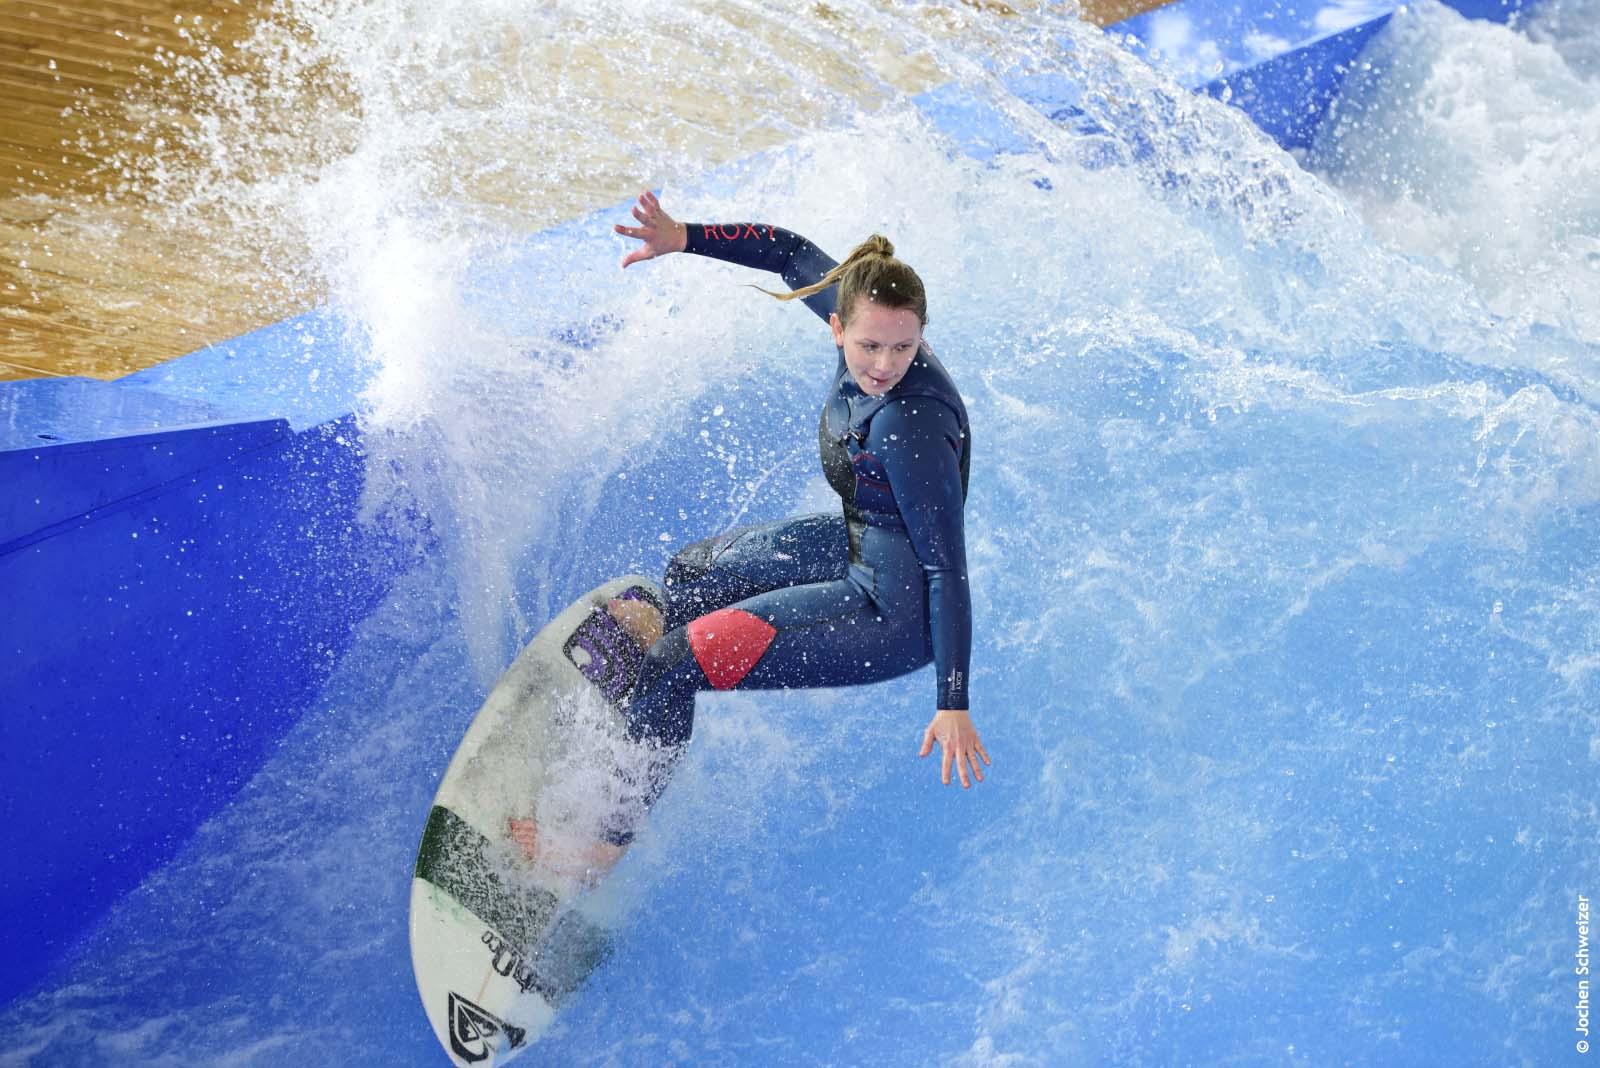 Surfen in der Jochen Schweizer Arena